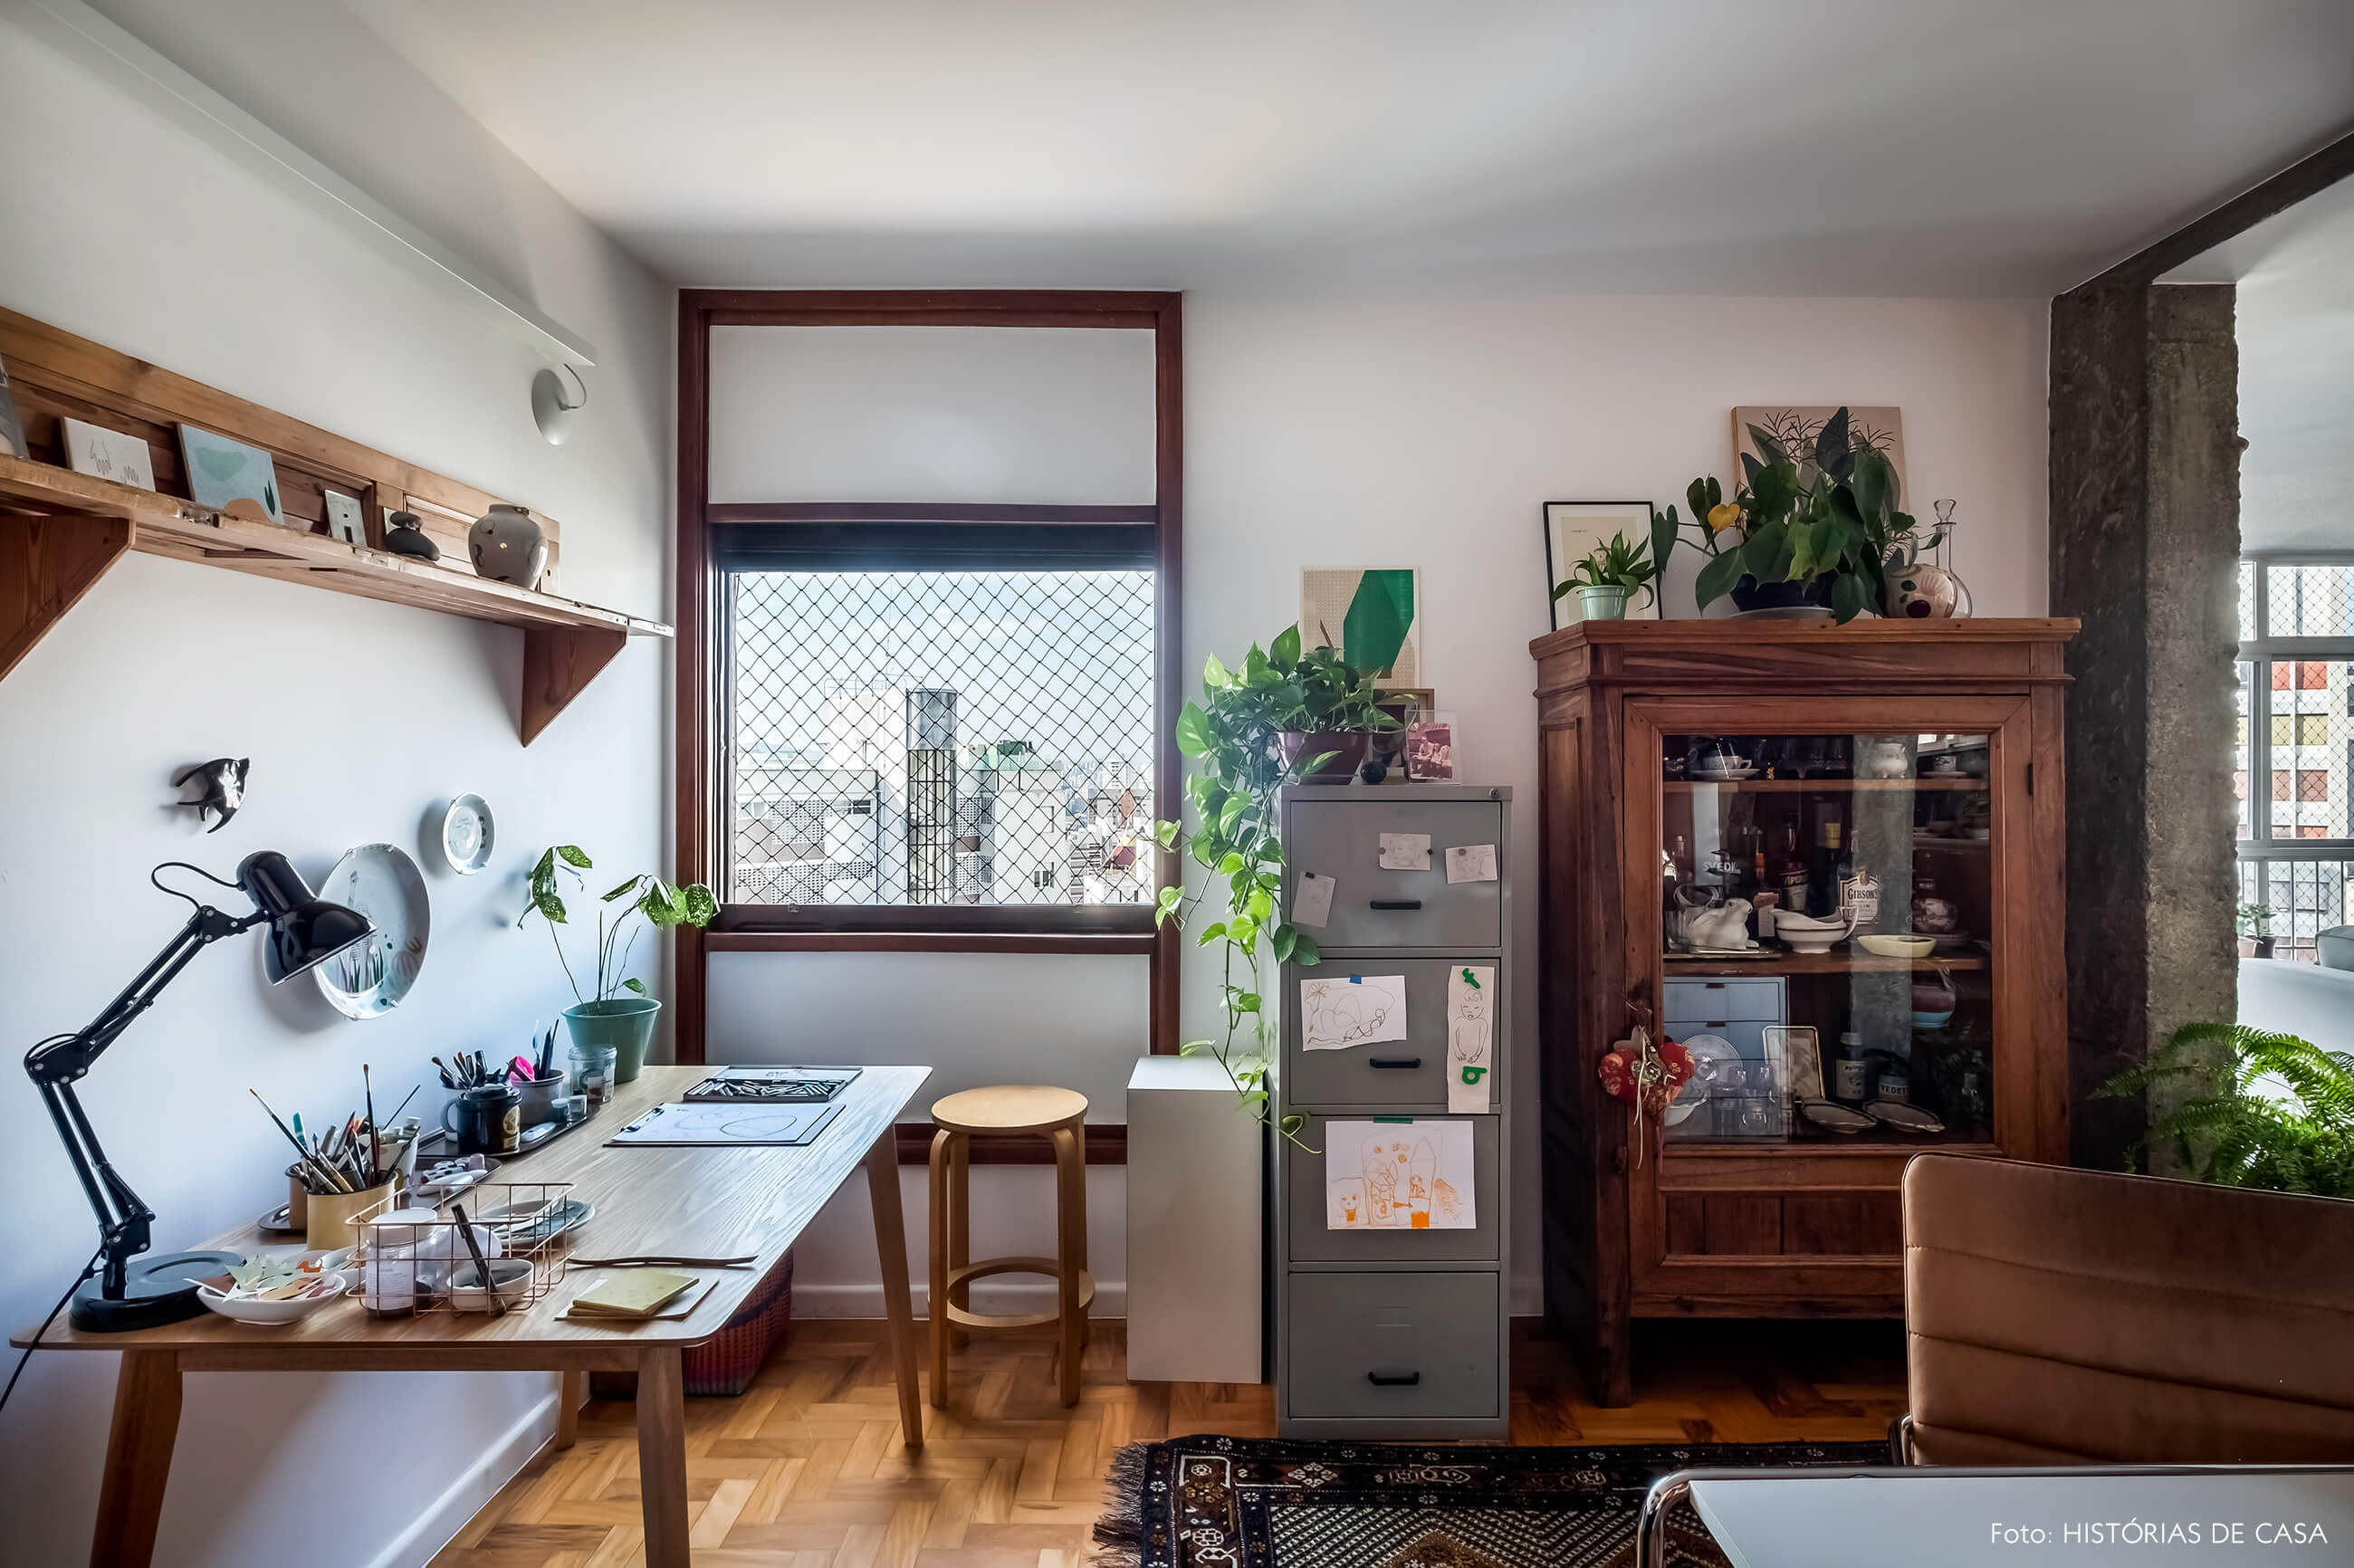 Home office integrado com a sala, móveis de madeira antigos